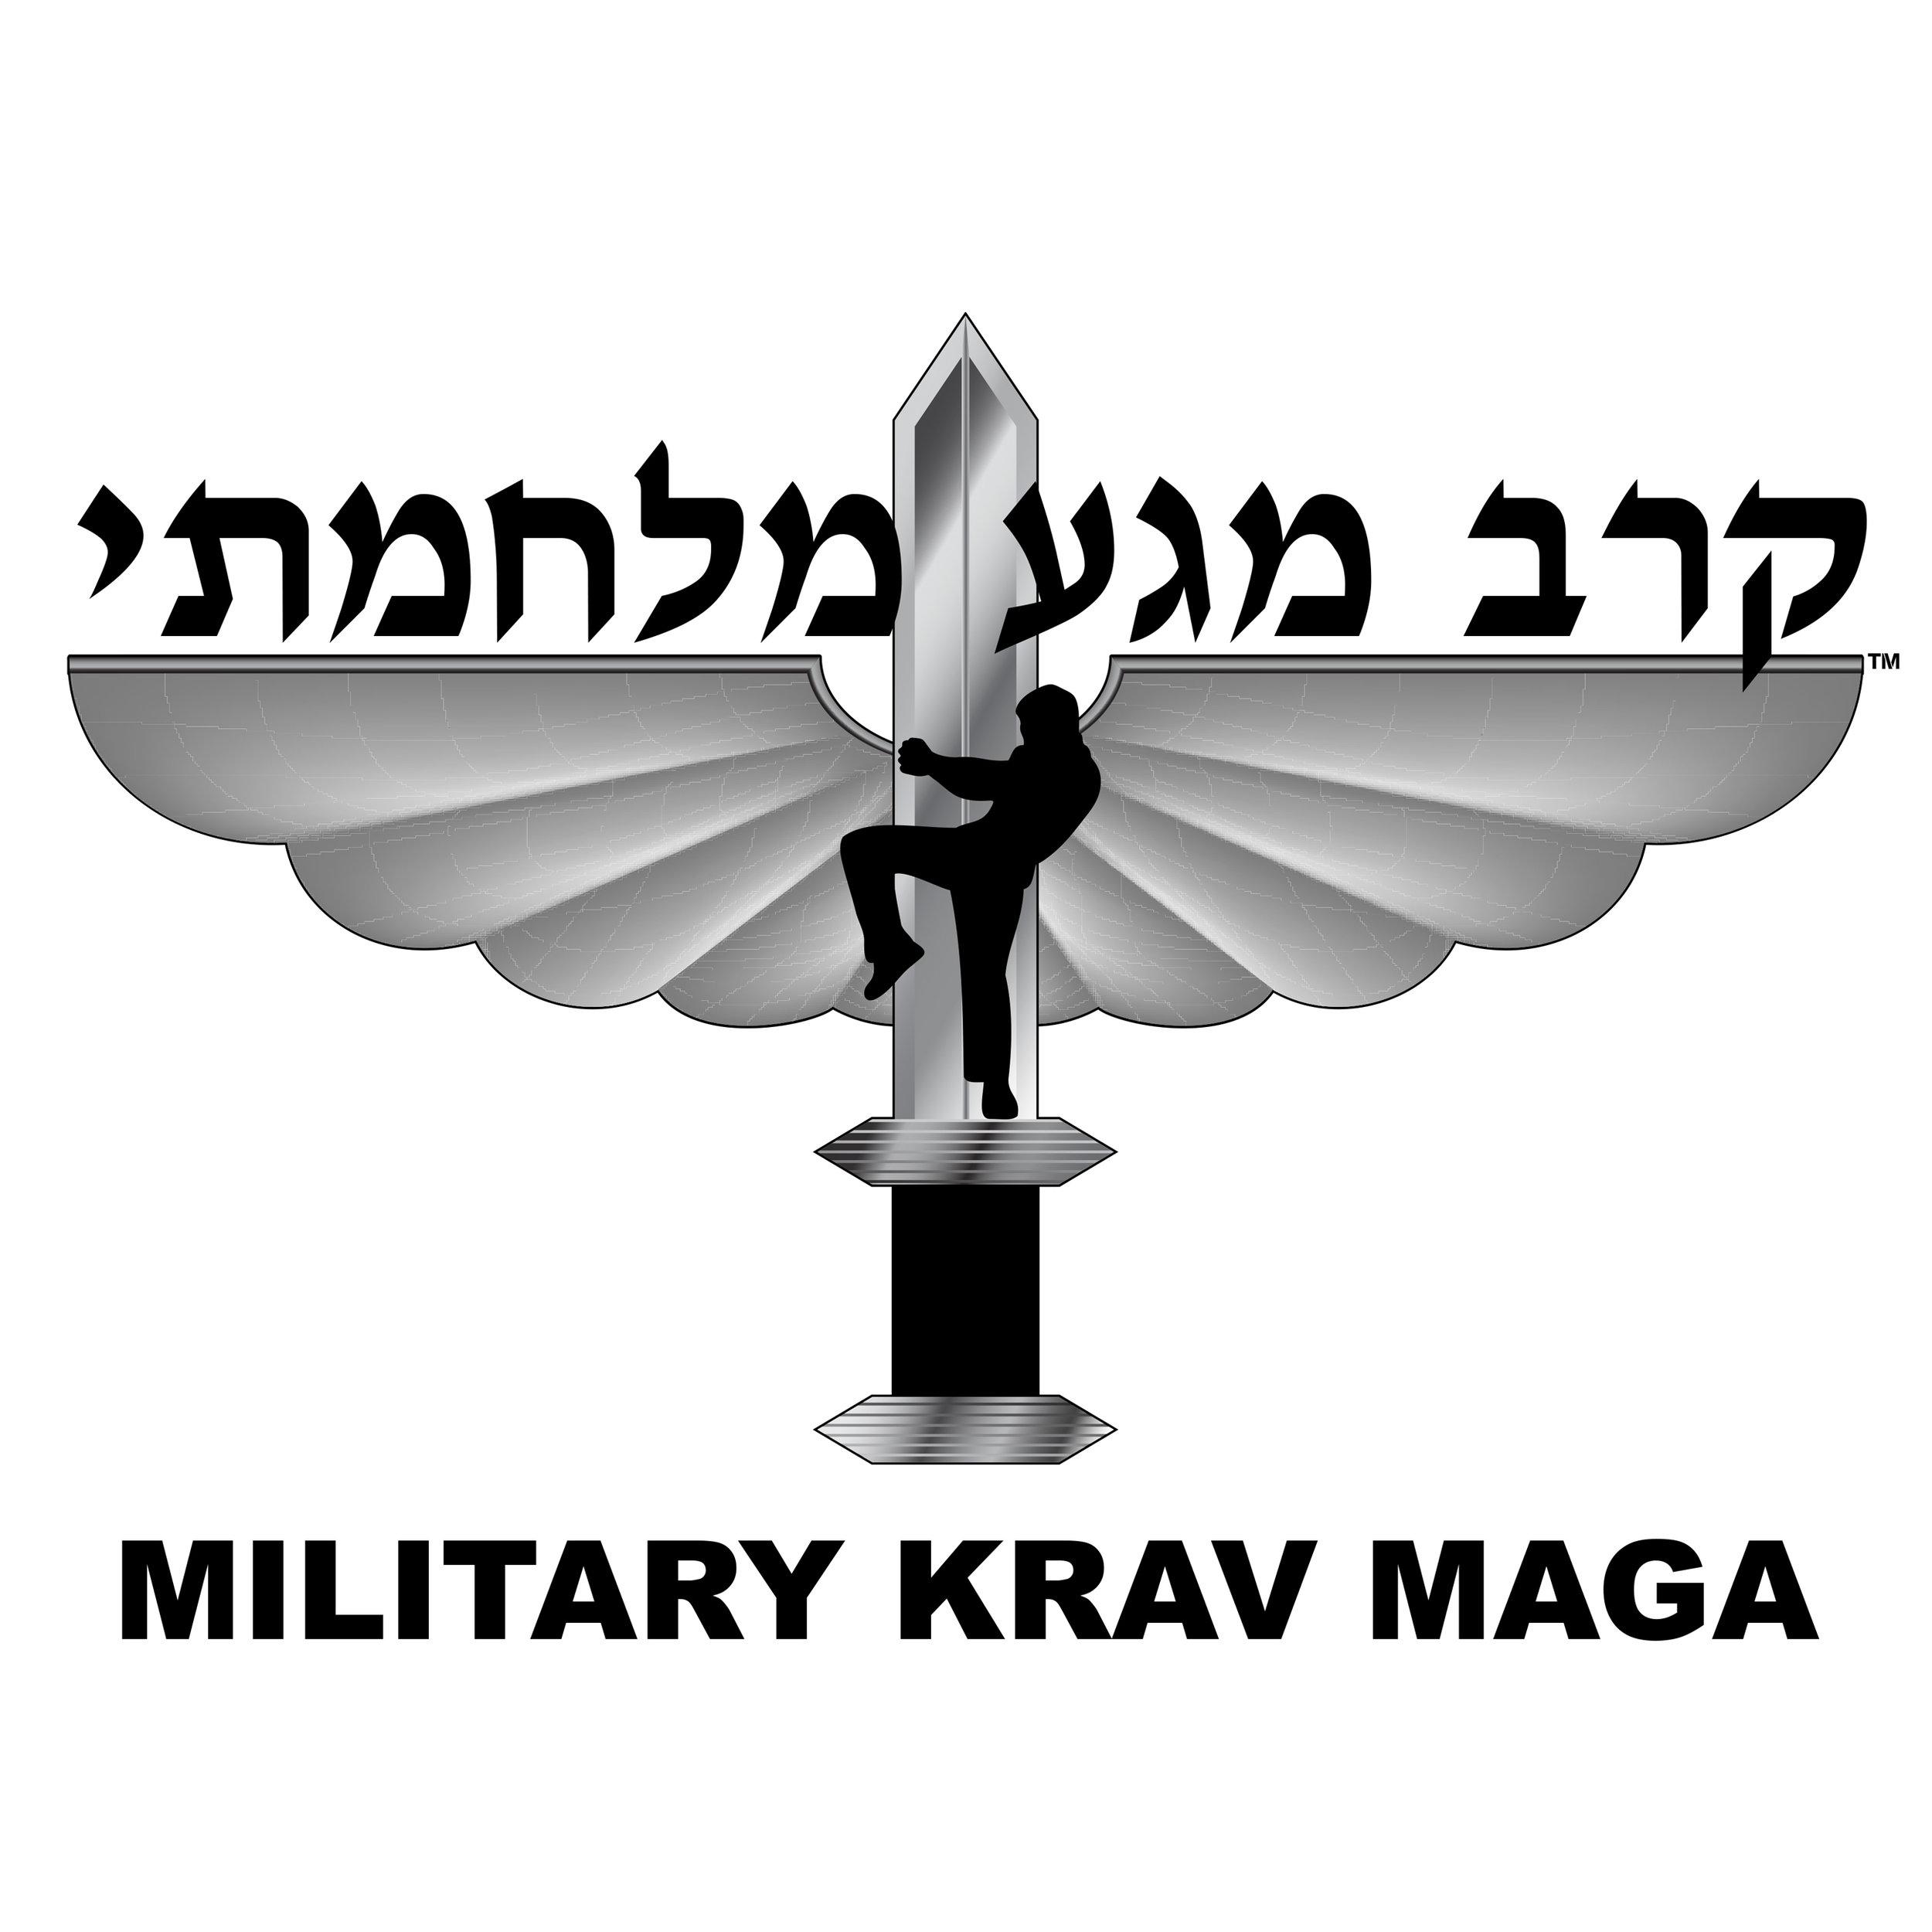 MILITARY KRAV MAGA